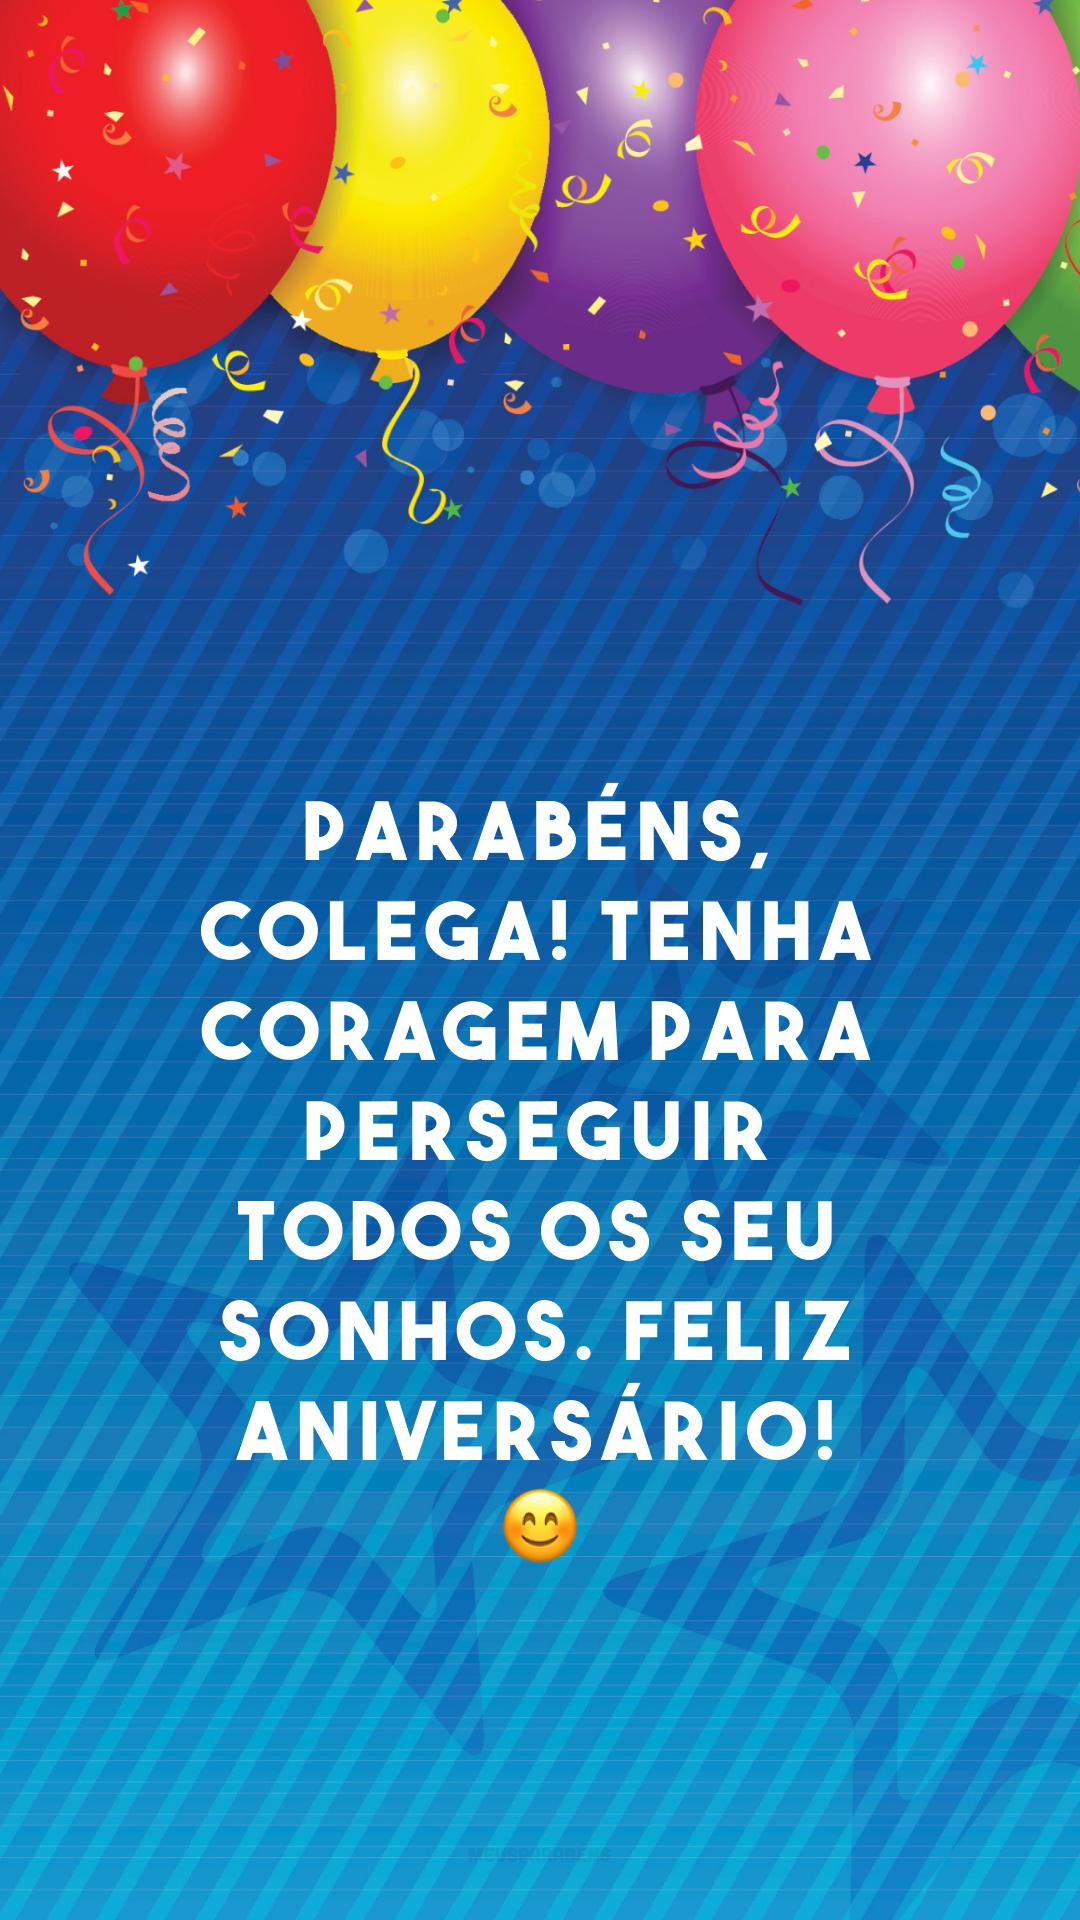 Parabéns, colega! Tenha coragem para perseguir todos os seu sonhos. Feliz aniversário! 😊